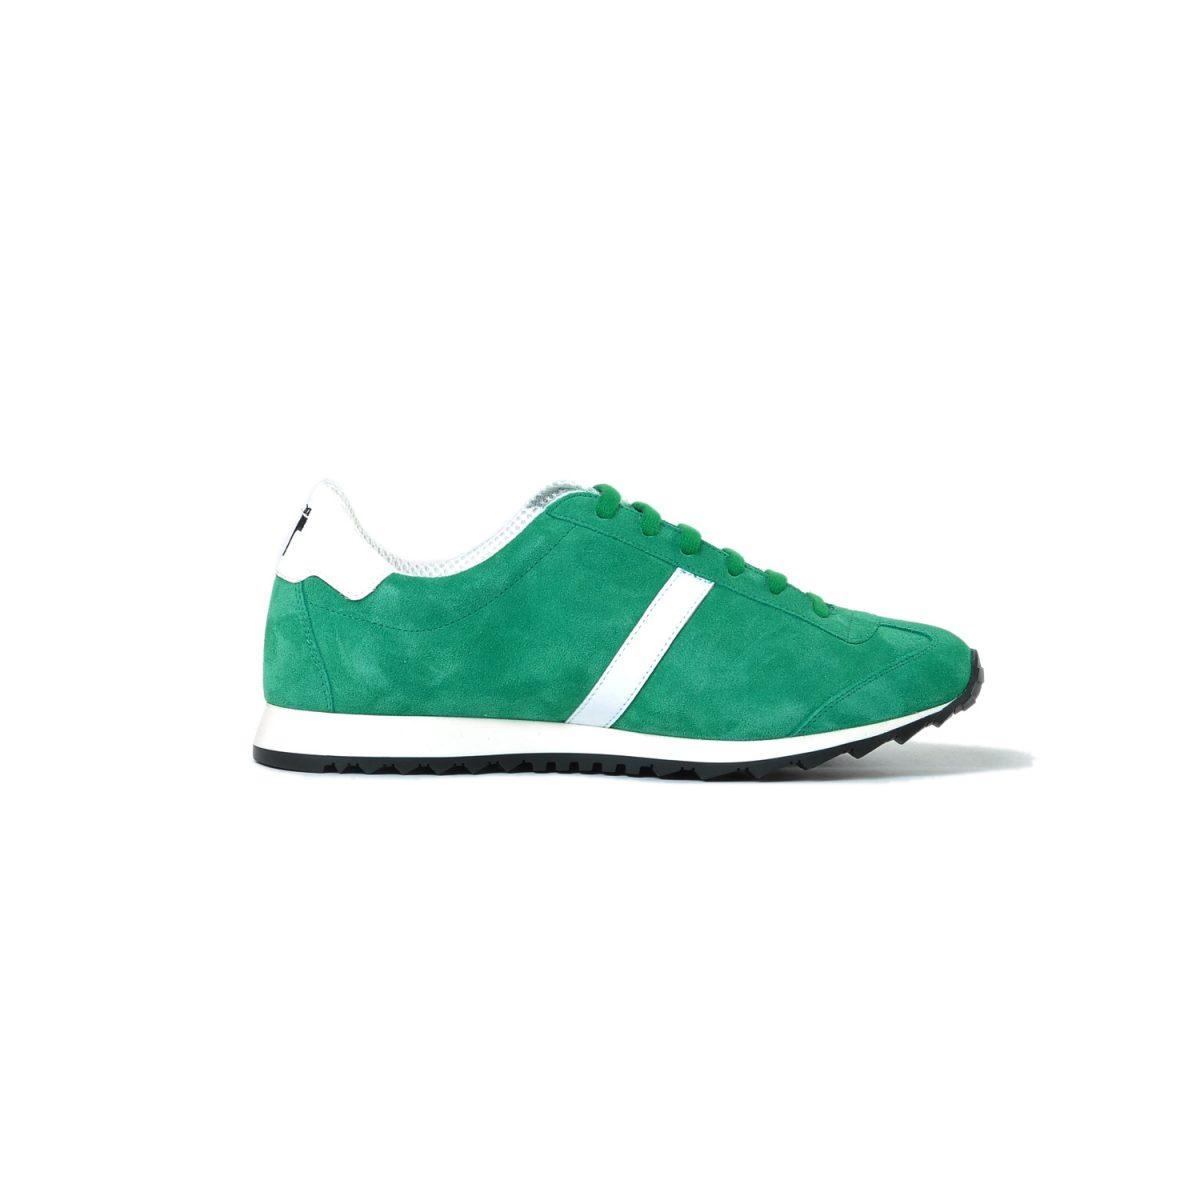 Tisza shoes - Martfű - Green-white